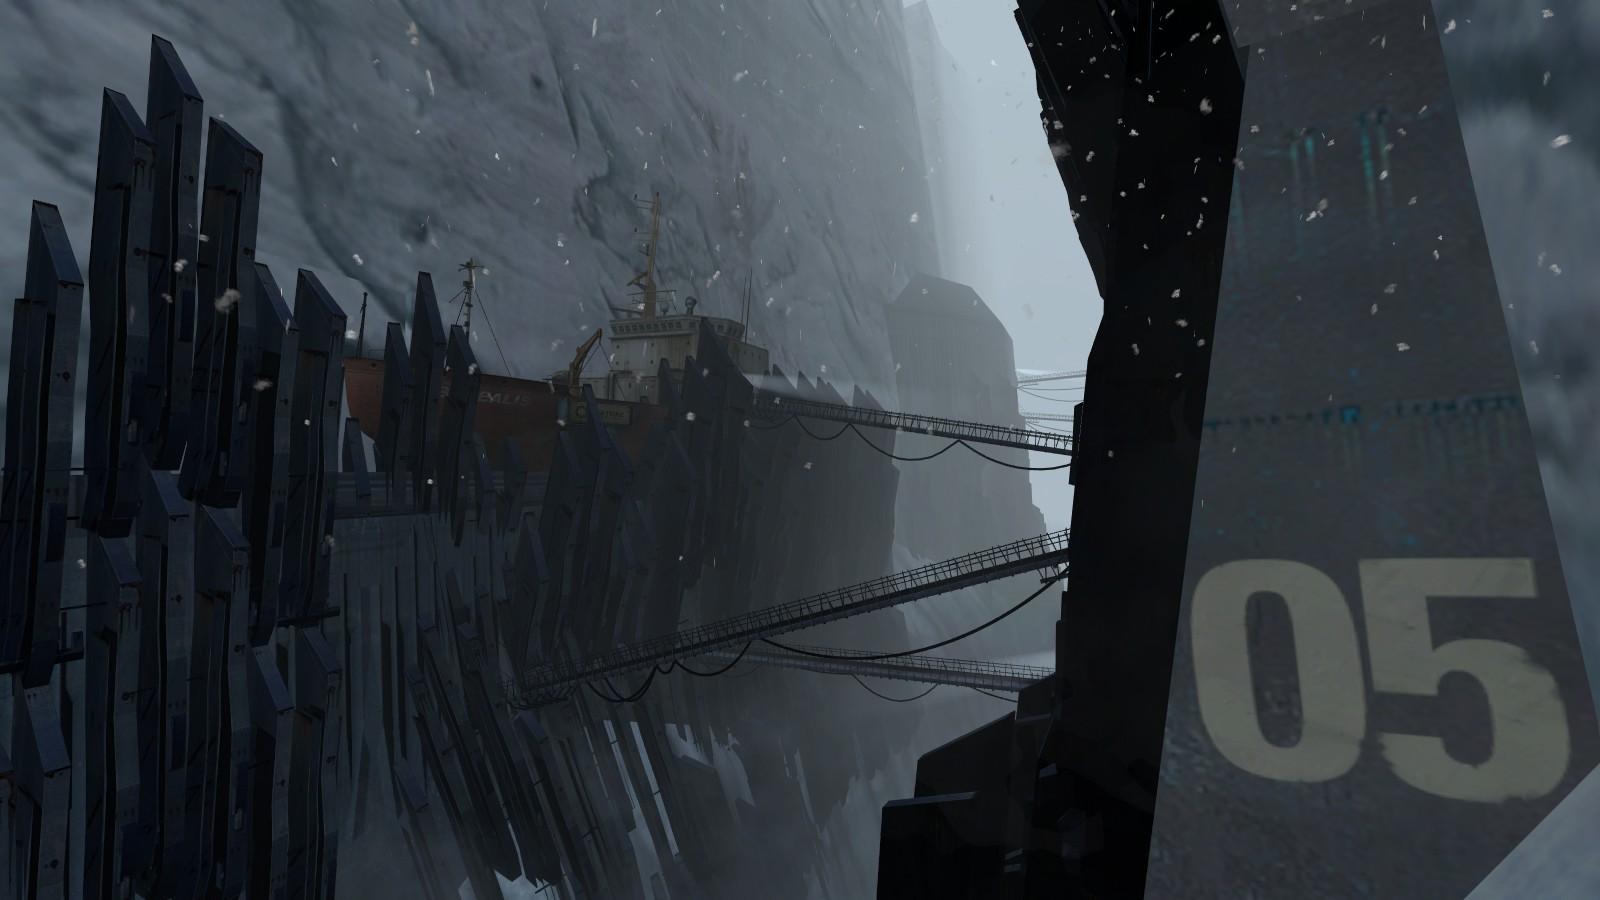 Fan Made Half Life 2 Episode 3 Background Based On Concept Art Halflife